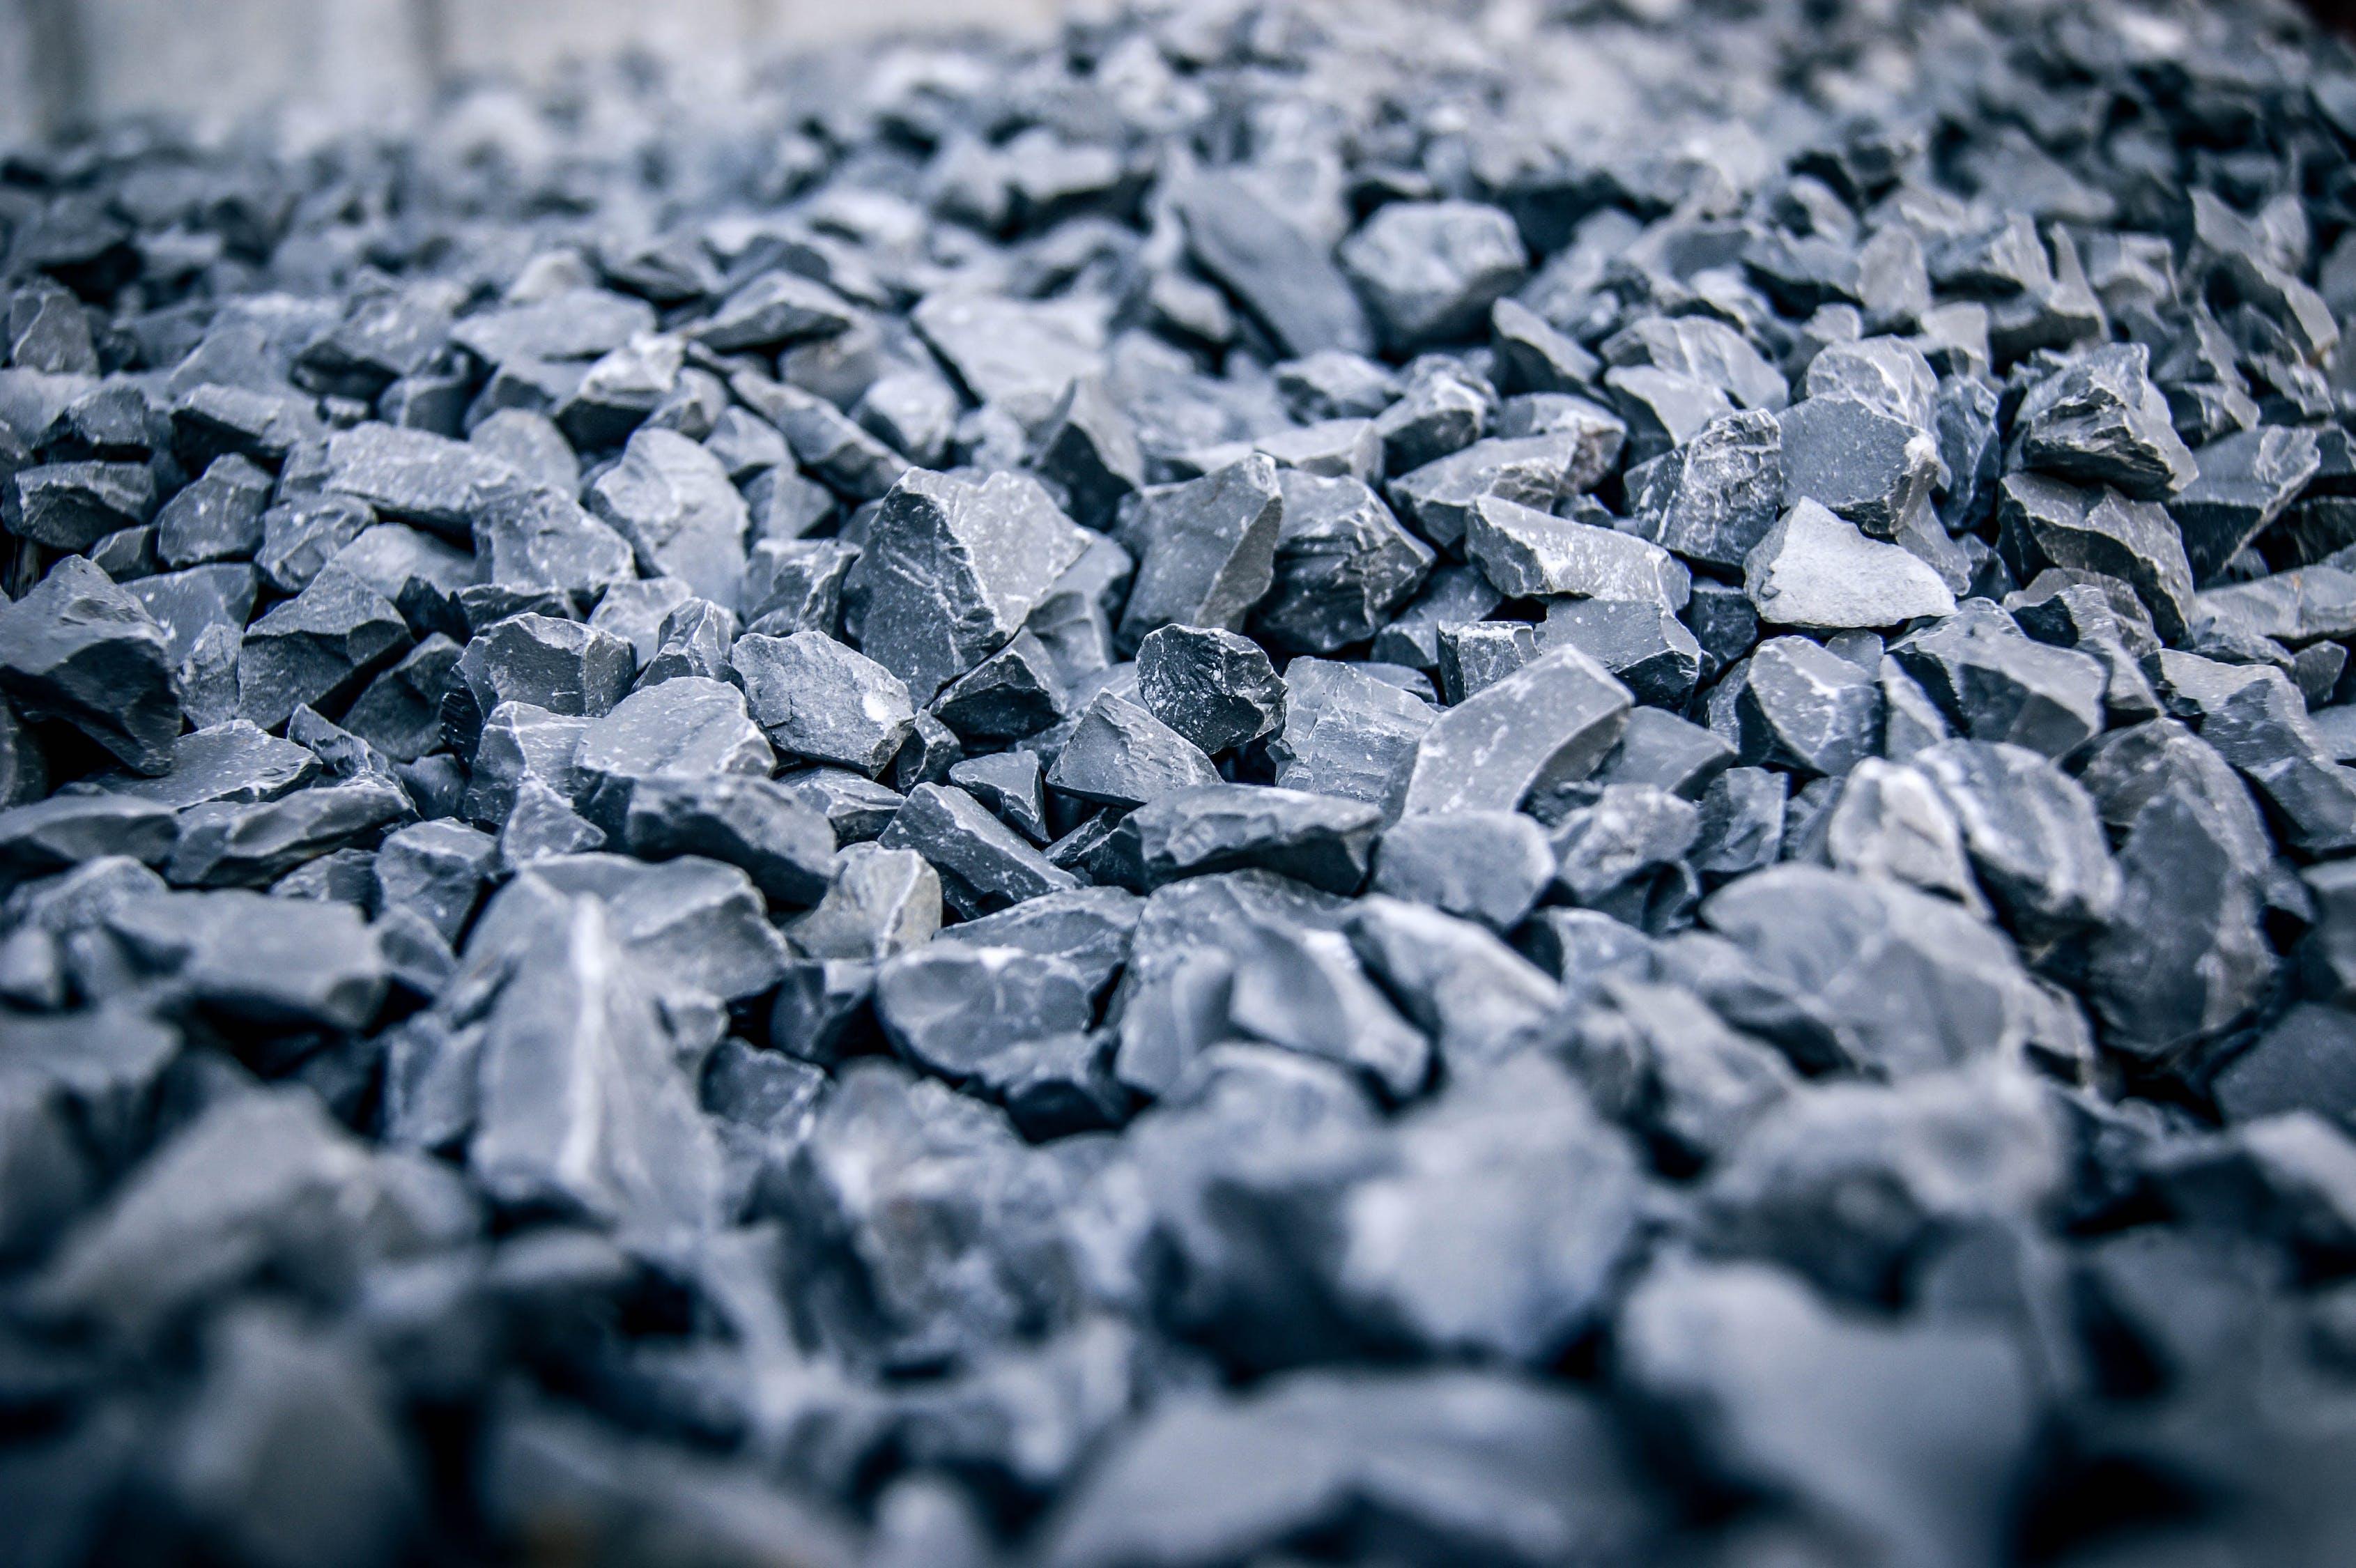 Daftar Harga Batu Terbaru